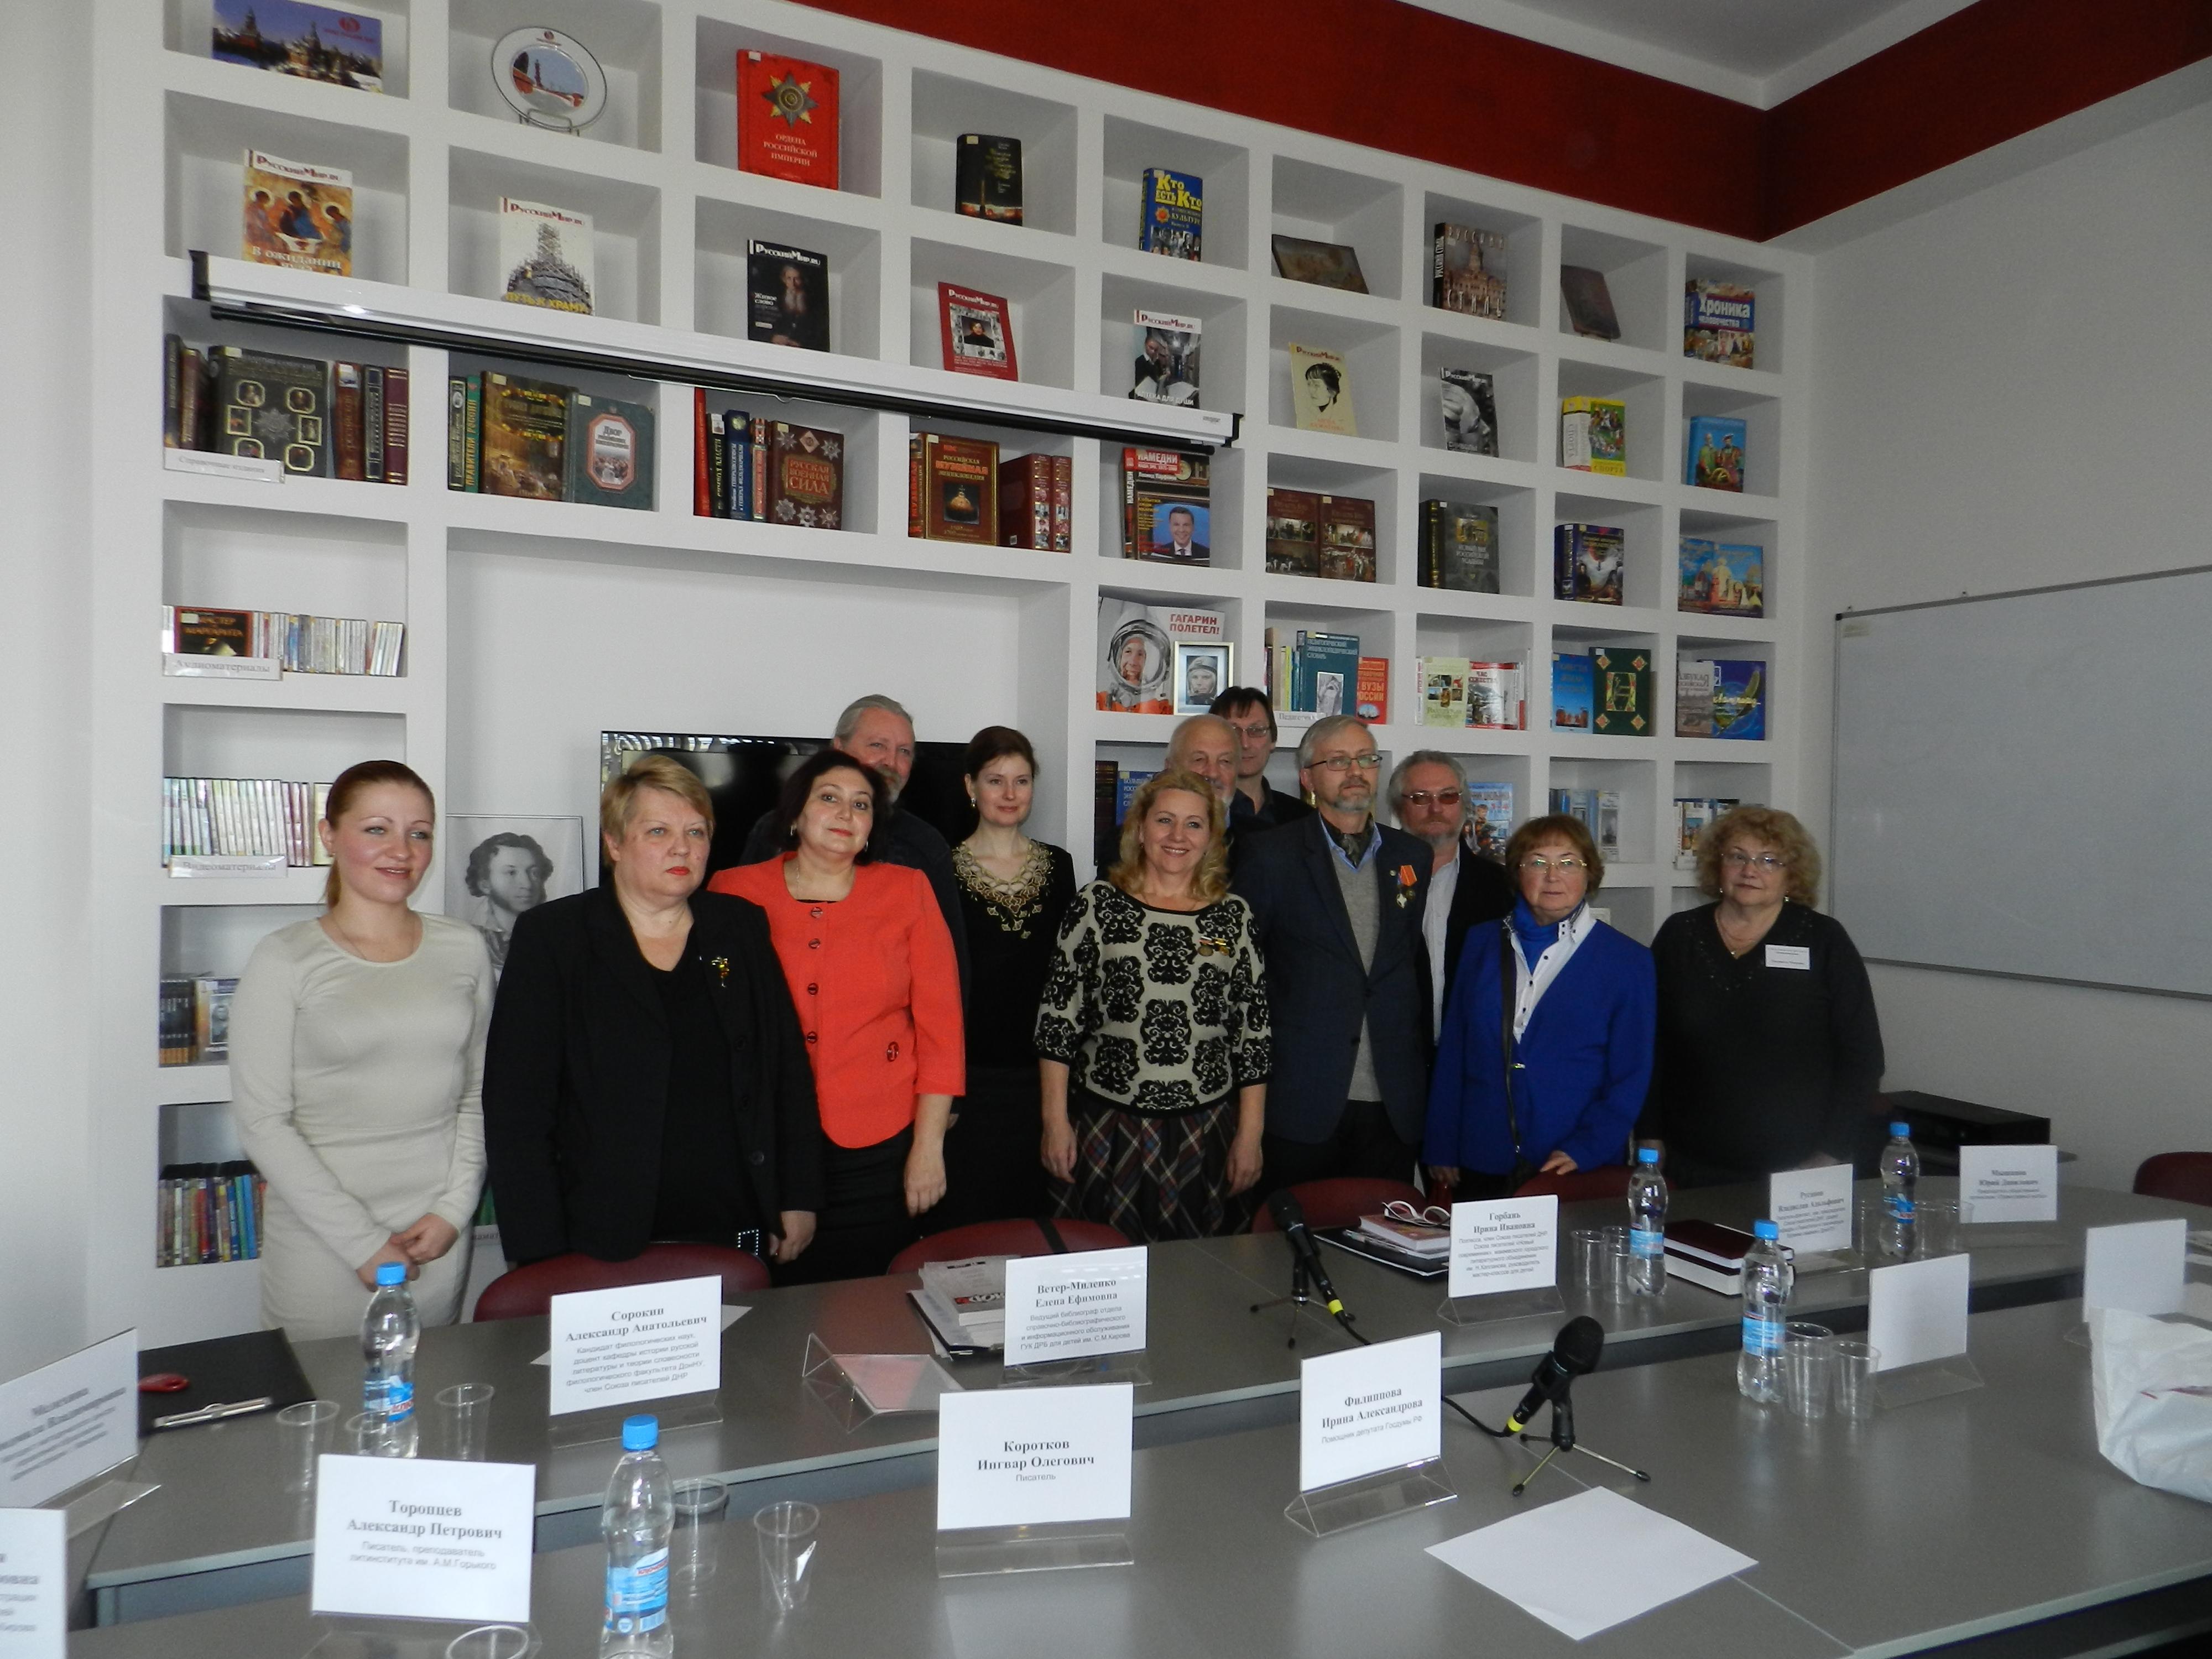 круглый стол, книгоморье 2016, детская литература сегодня, донецкая республиканская библиотека для детей, встреча с гостями, росийские авторы